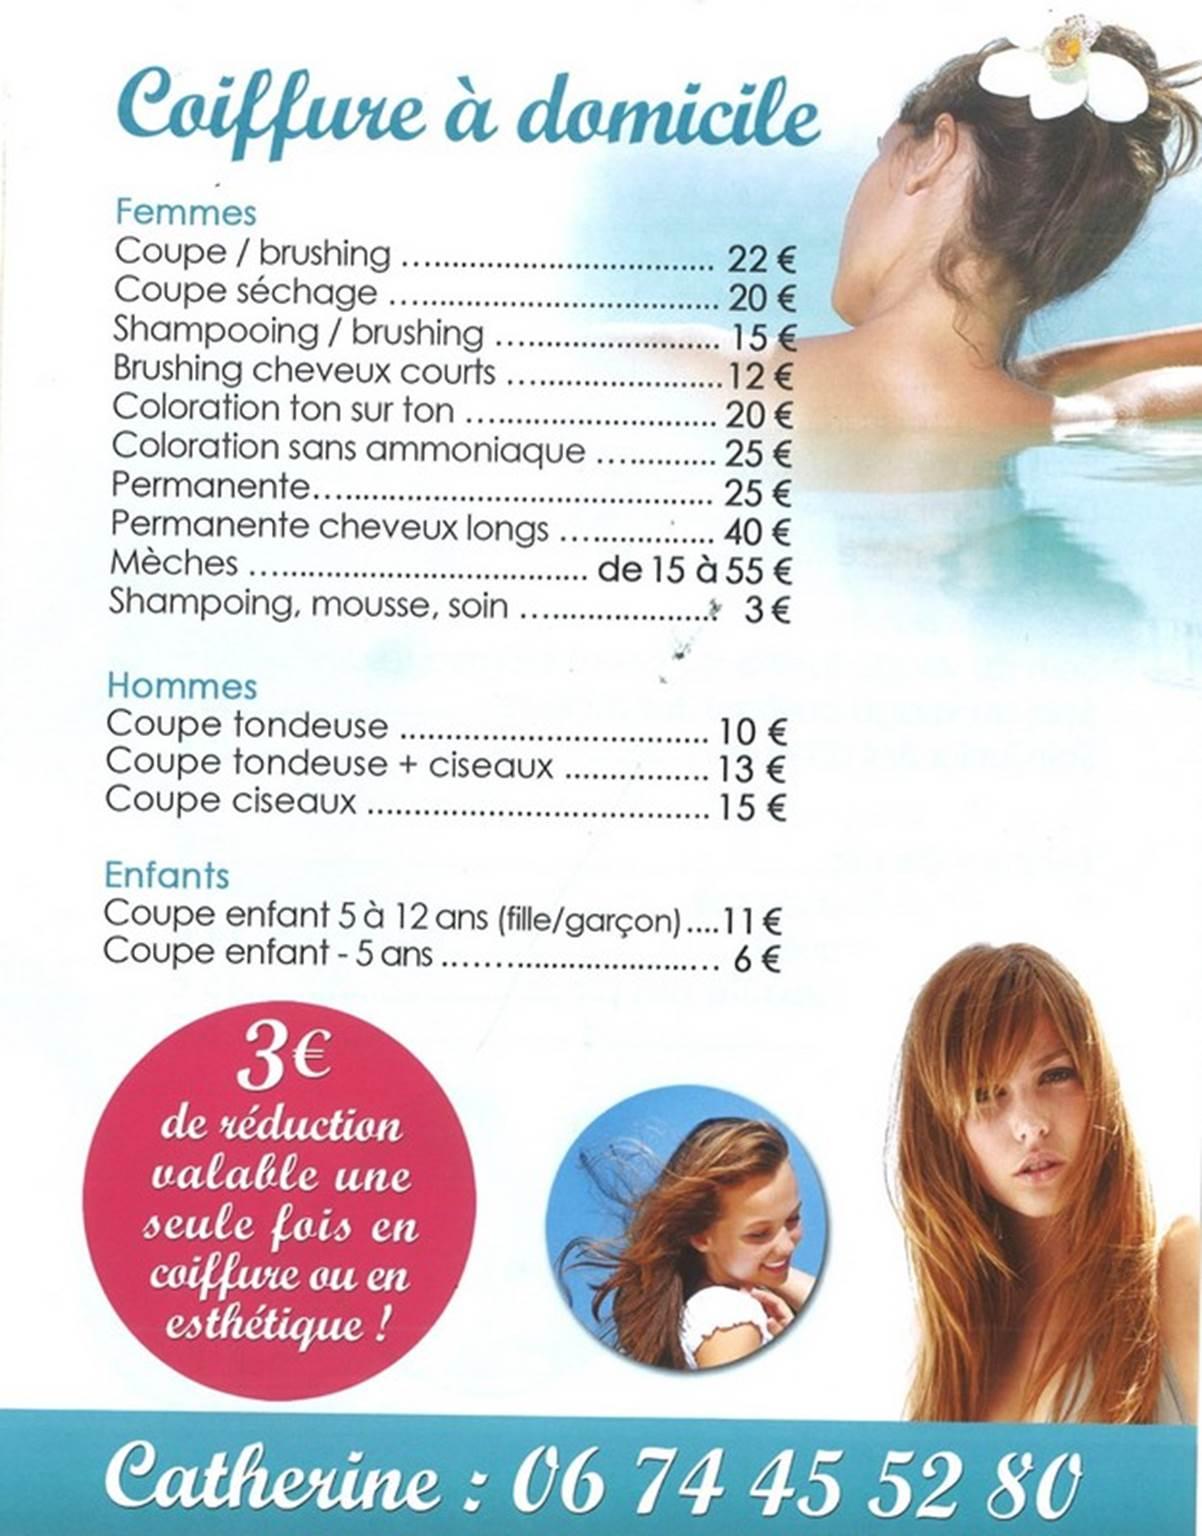 arlix catherine-coiffure-esthetique-domicile-tourisme-arc-sud-bretagne